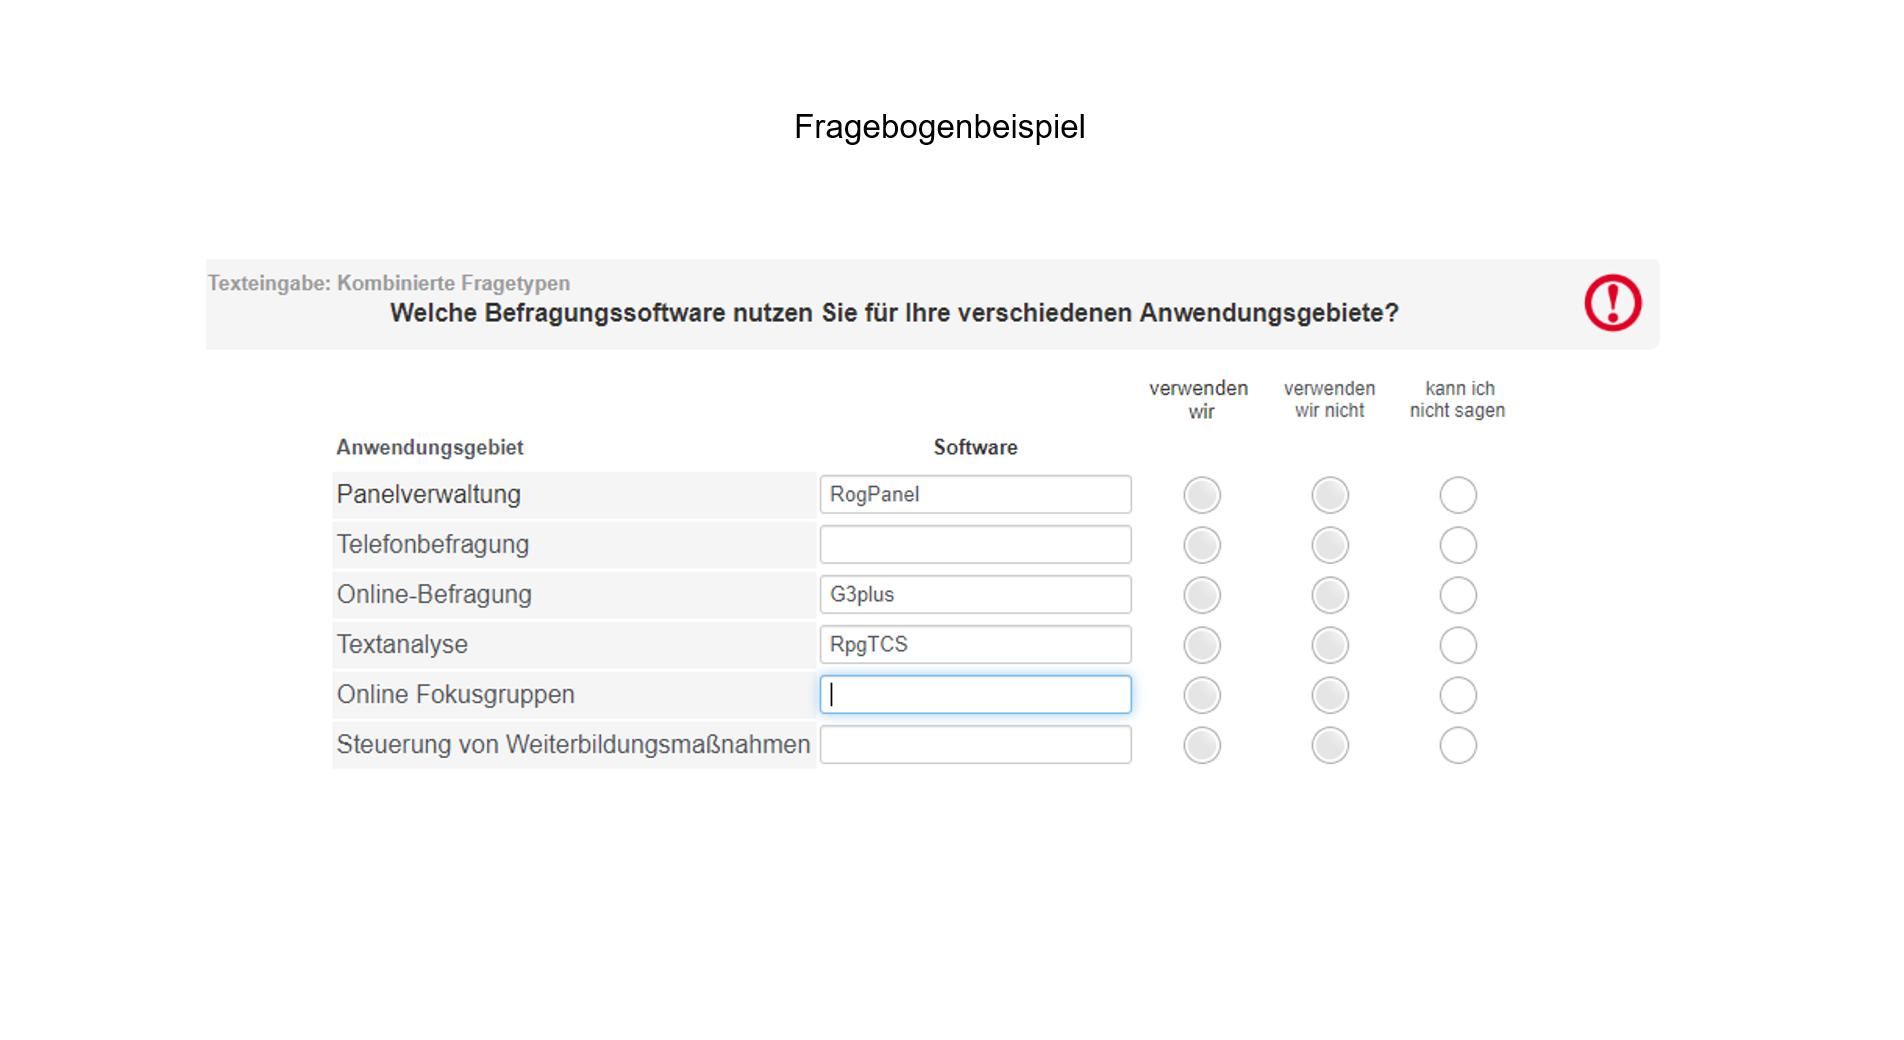 Fragebogenprogrammierung Beispiel Anwendungsgebiete Befragungssoftware